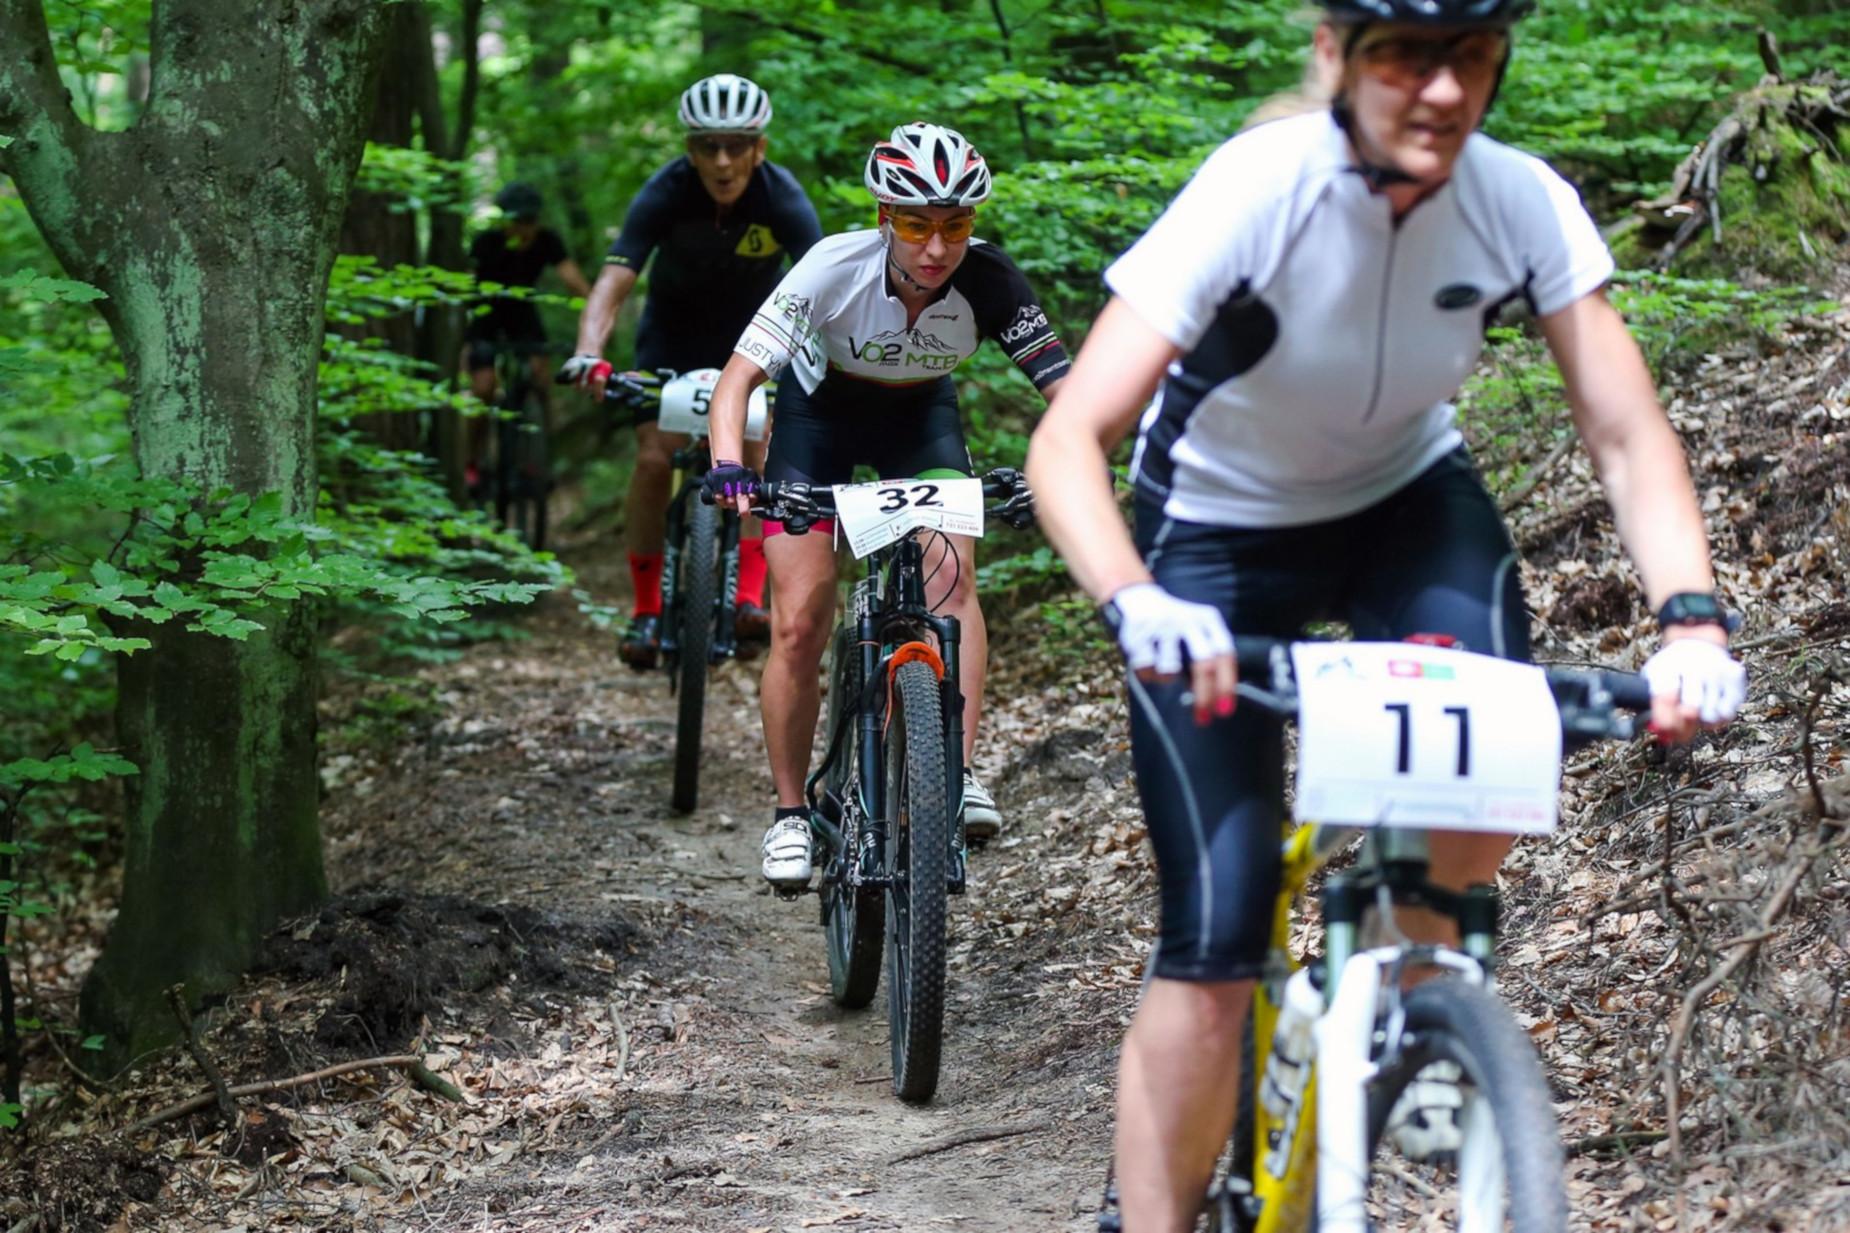 Druga runda rowerowego ścigania w Trójmiejskim Parku Krajobrazowym. Zawody XC w Matemblewie